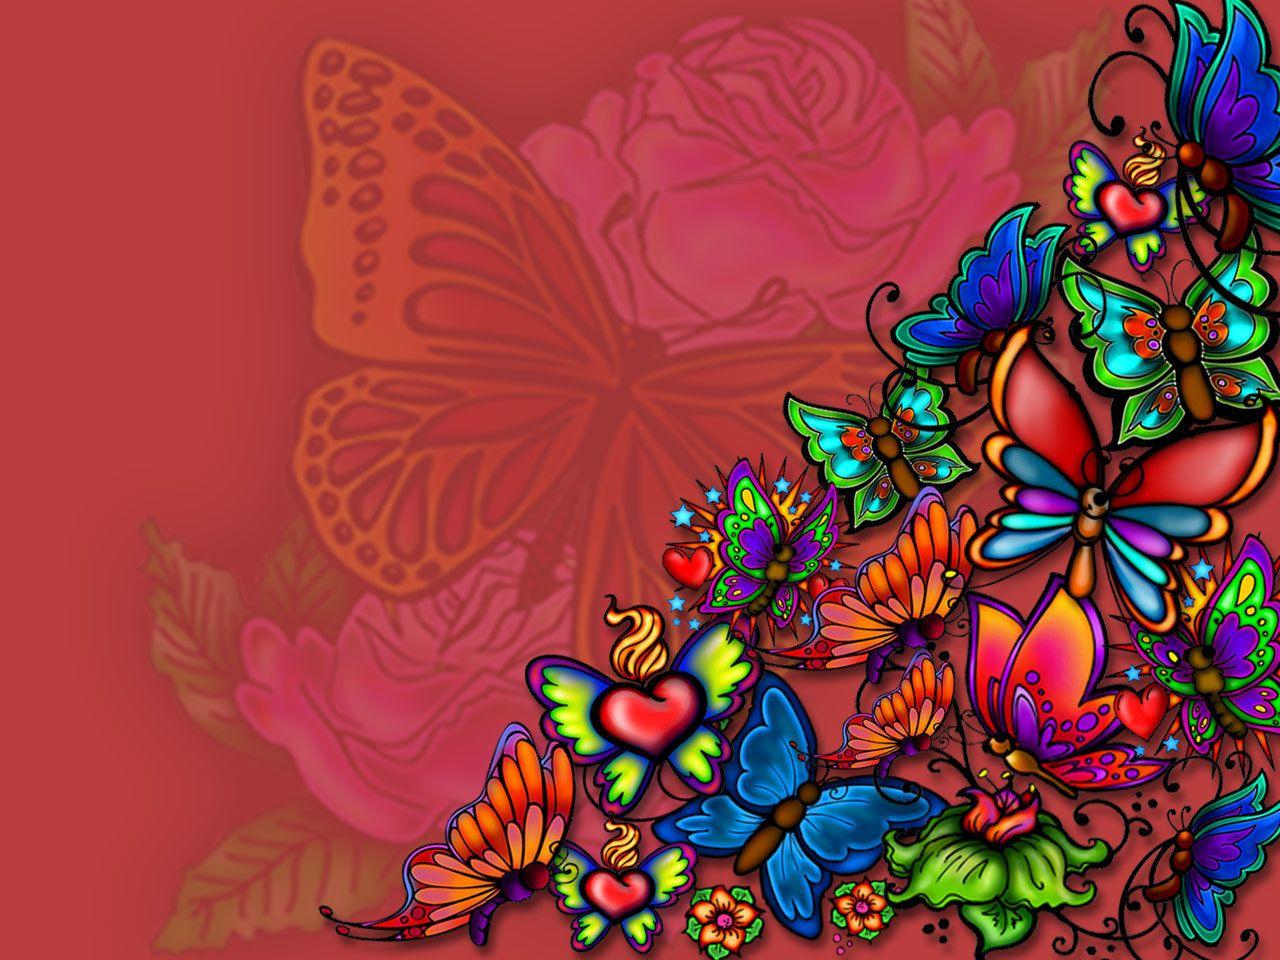 Butterflies Wallpaper Butterflies Tattoo Butterfly Wallpaper Butterfly Tattoos Images Butterfly Tattoo Butterfly tattoo wallpaper download